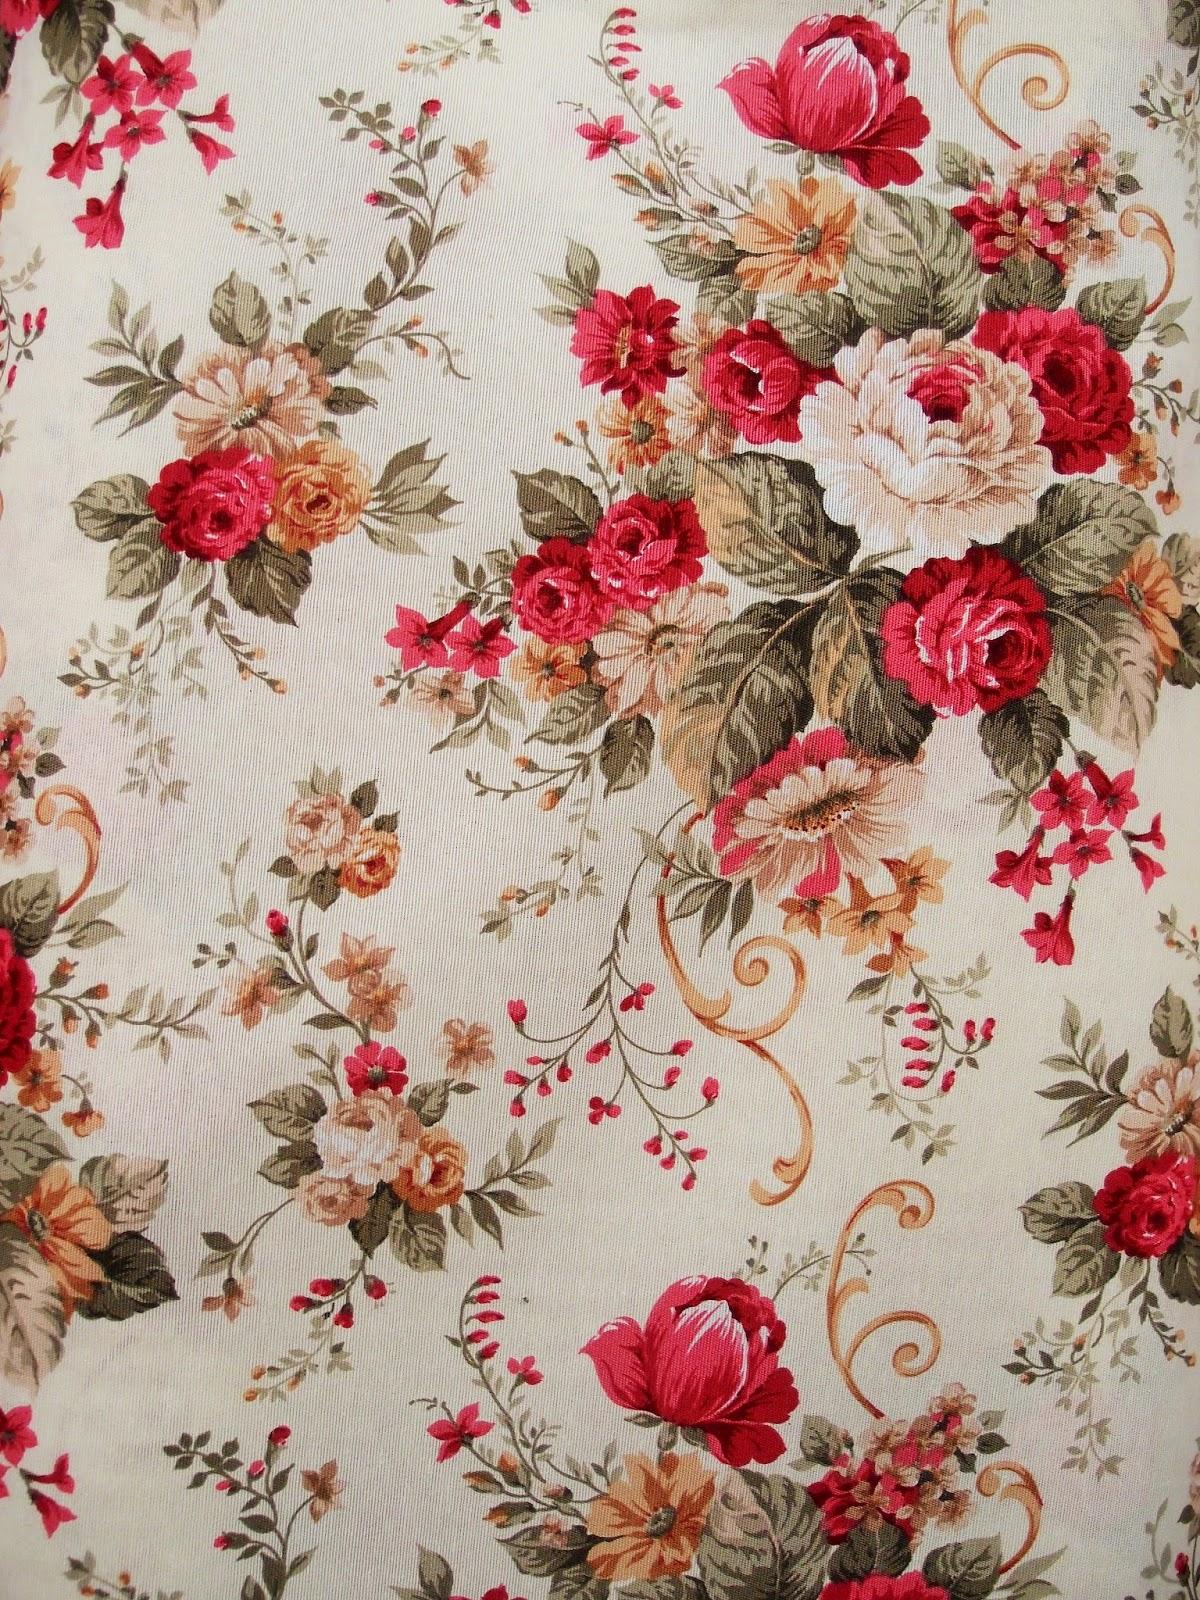 Trova i migliori prezzi e le offerte in corso. I Tessuti Di Primavera Con Le Rose Arredare Con I Fiori Antichita Bellini